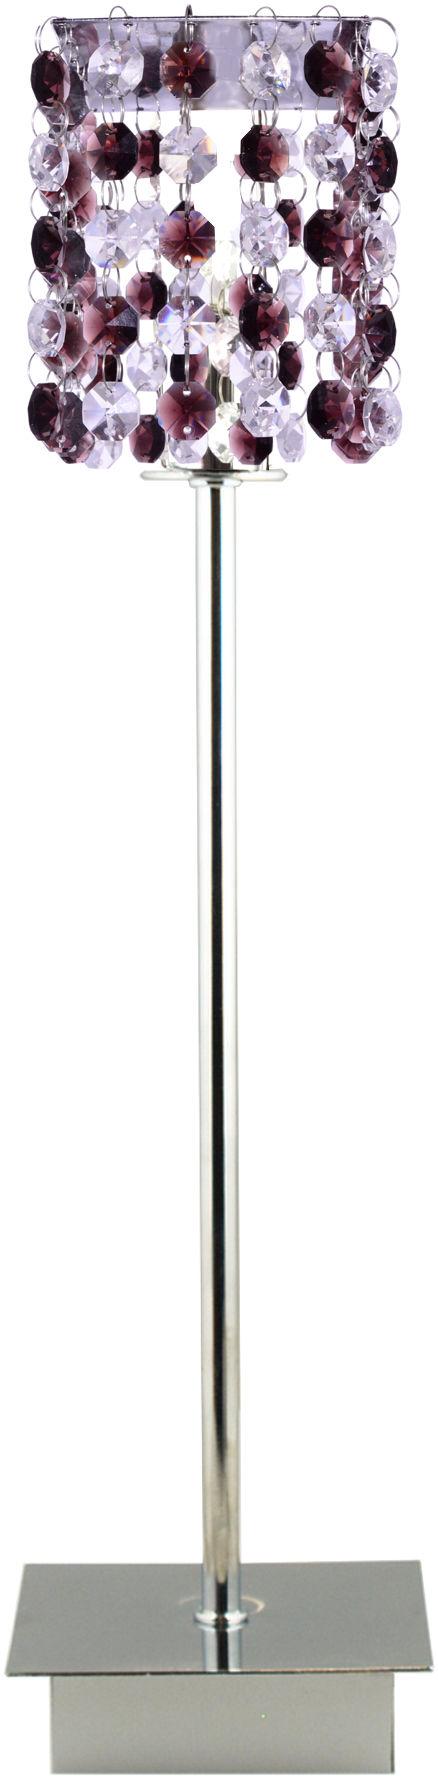 Candellux CLASSIC 41-97036 lampa stołowa kryształki burgund 1X40W G9 11 cm